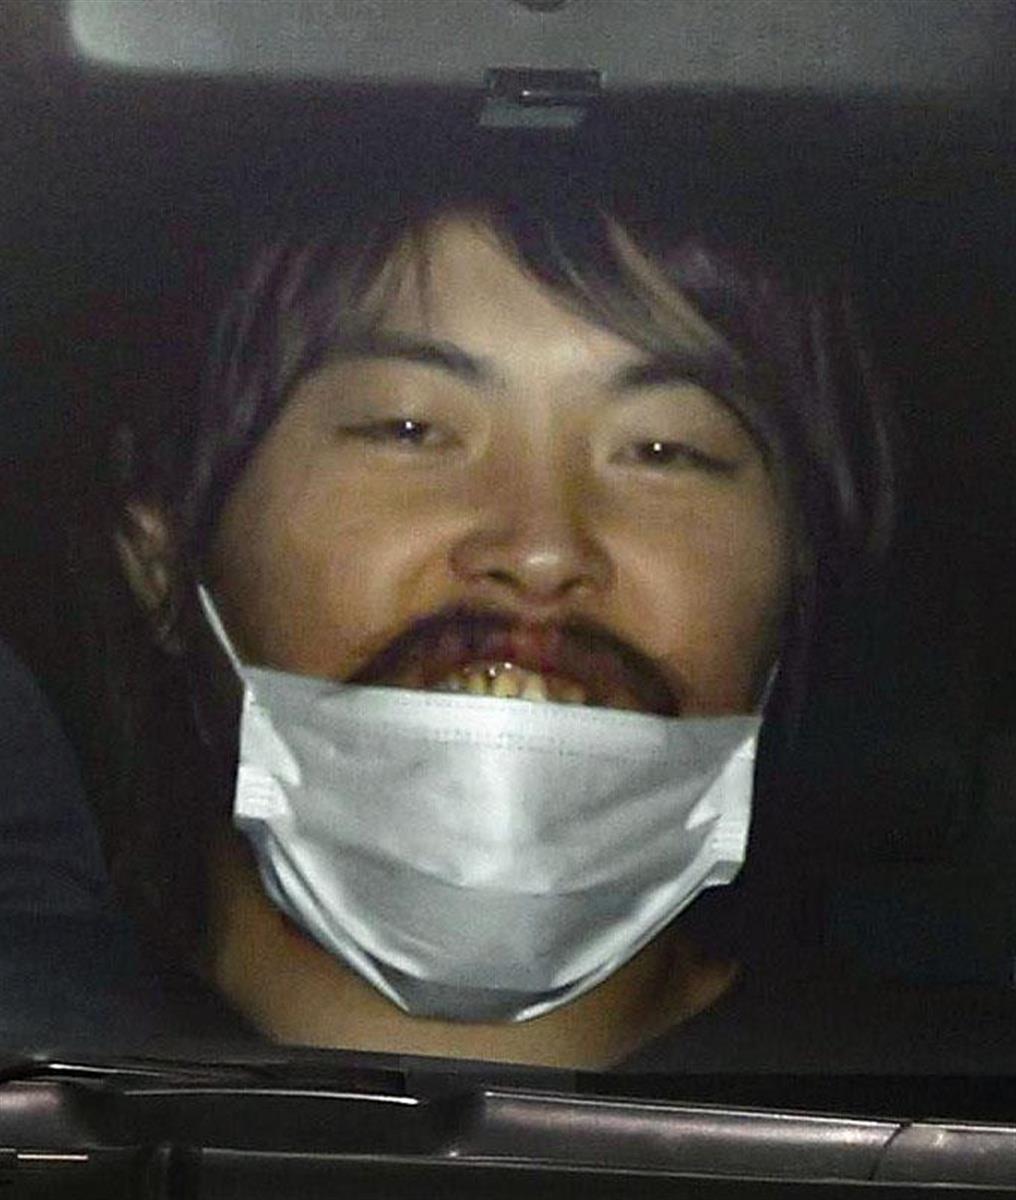 送検のため大阪府警南署を出る「へずまりゅう」こと原田将大容疑者=18日午前9時